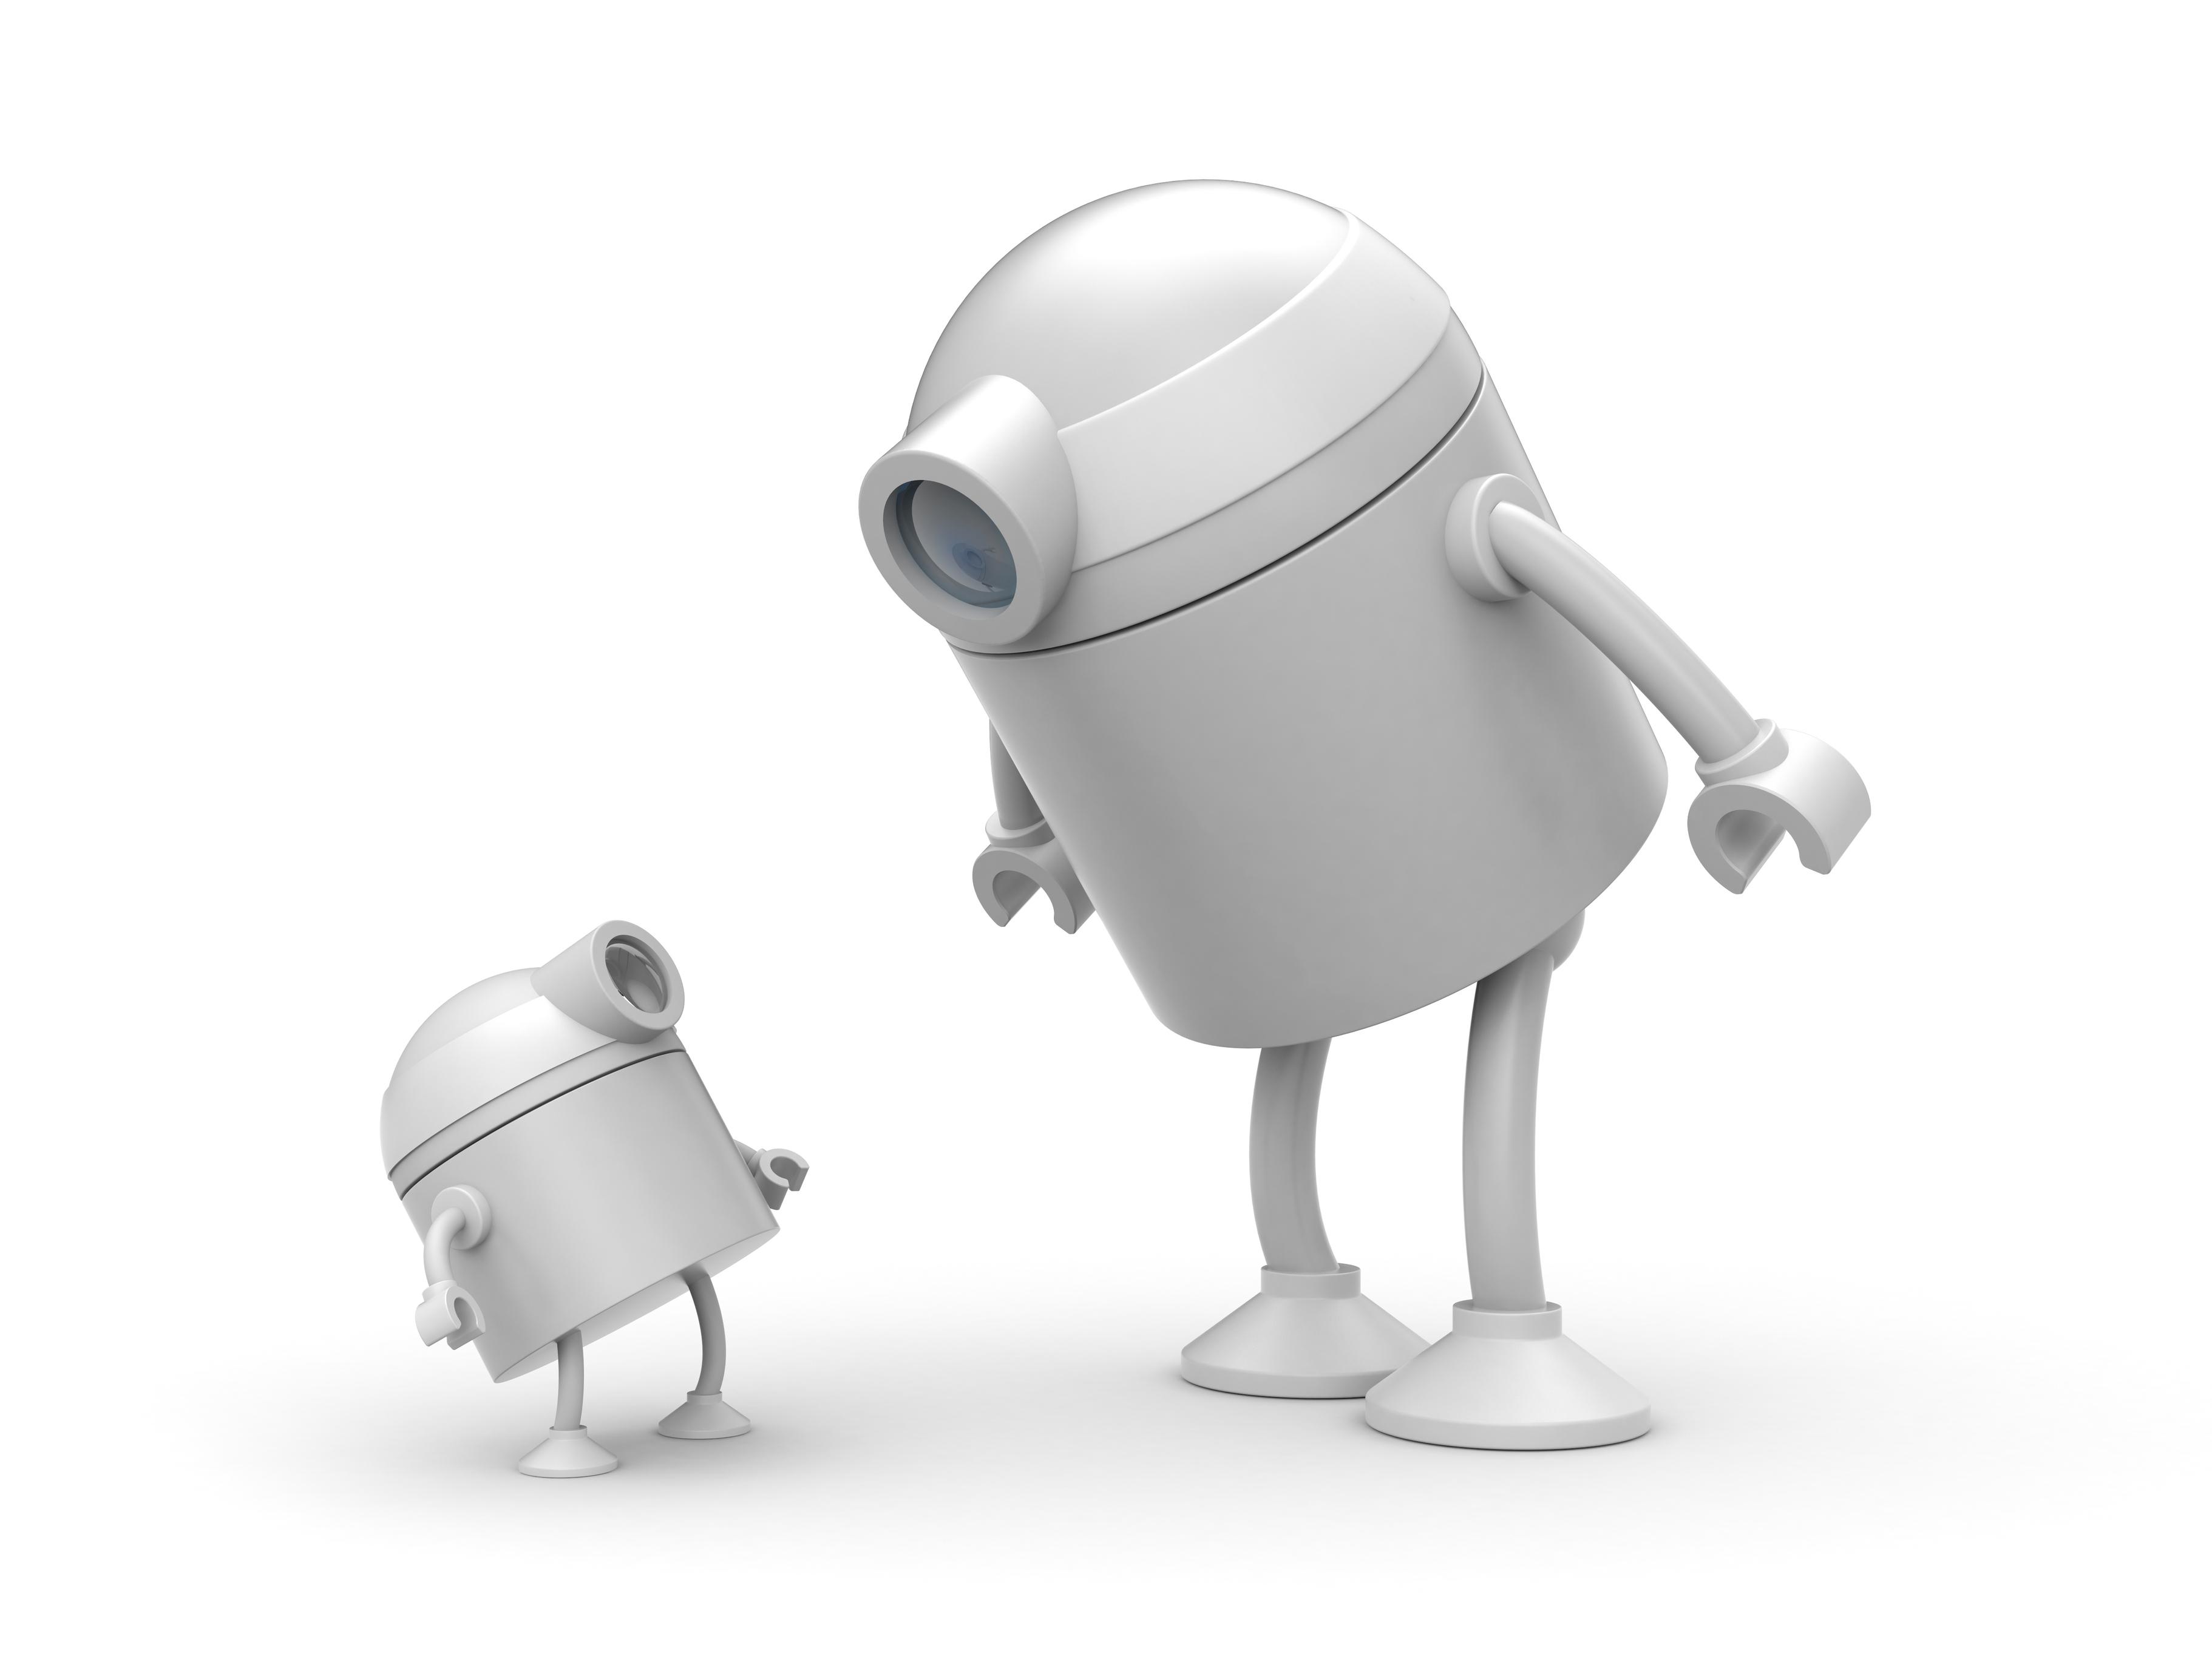 Jouets connectés - progrès versus vie privée - Opinion Tracker 93a2e878f5e6